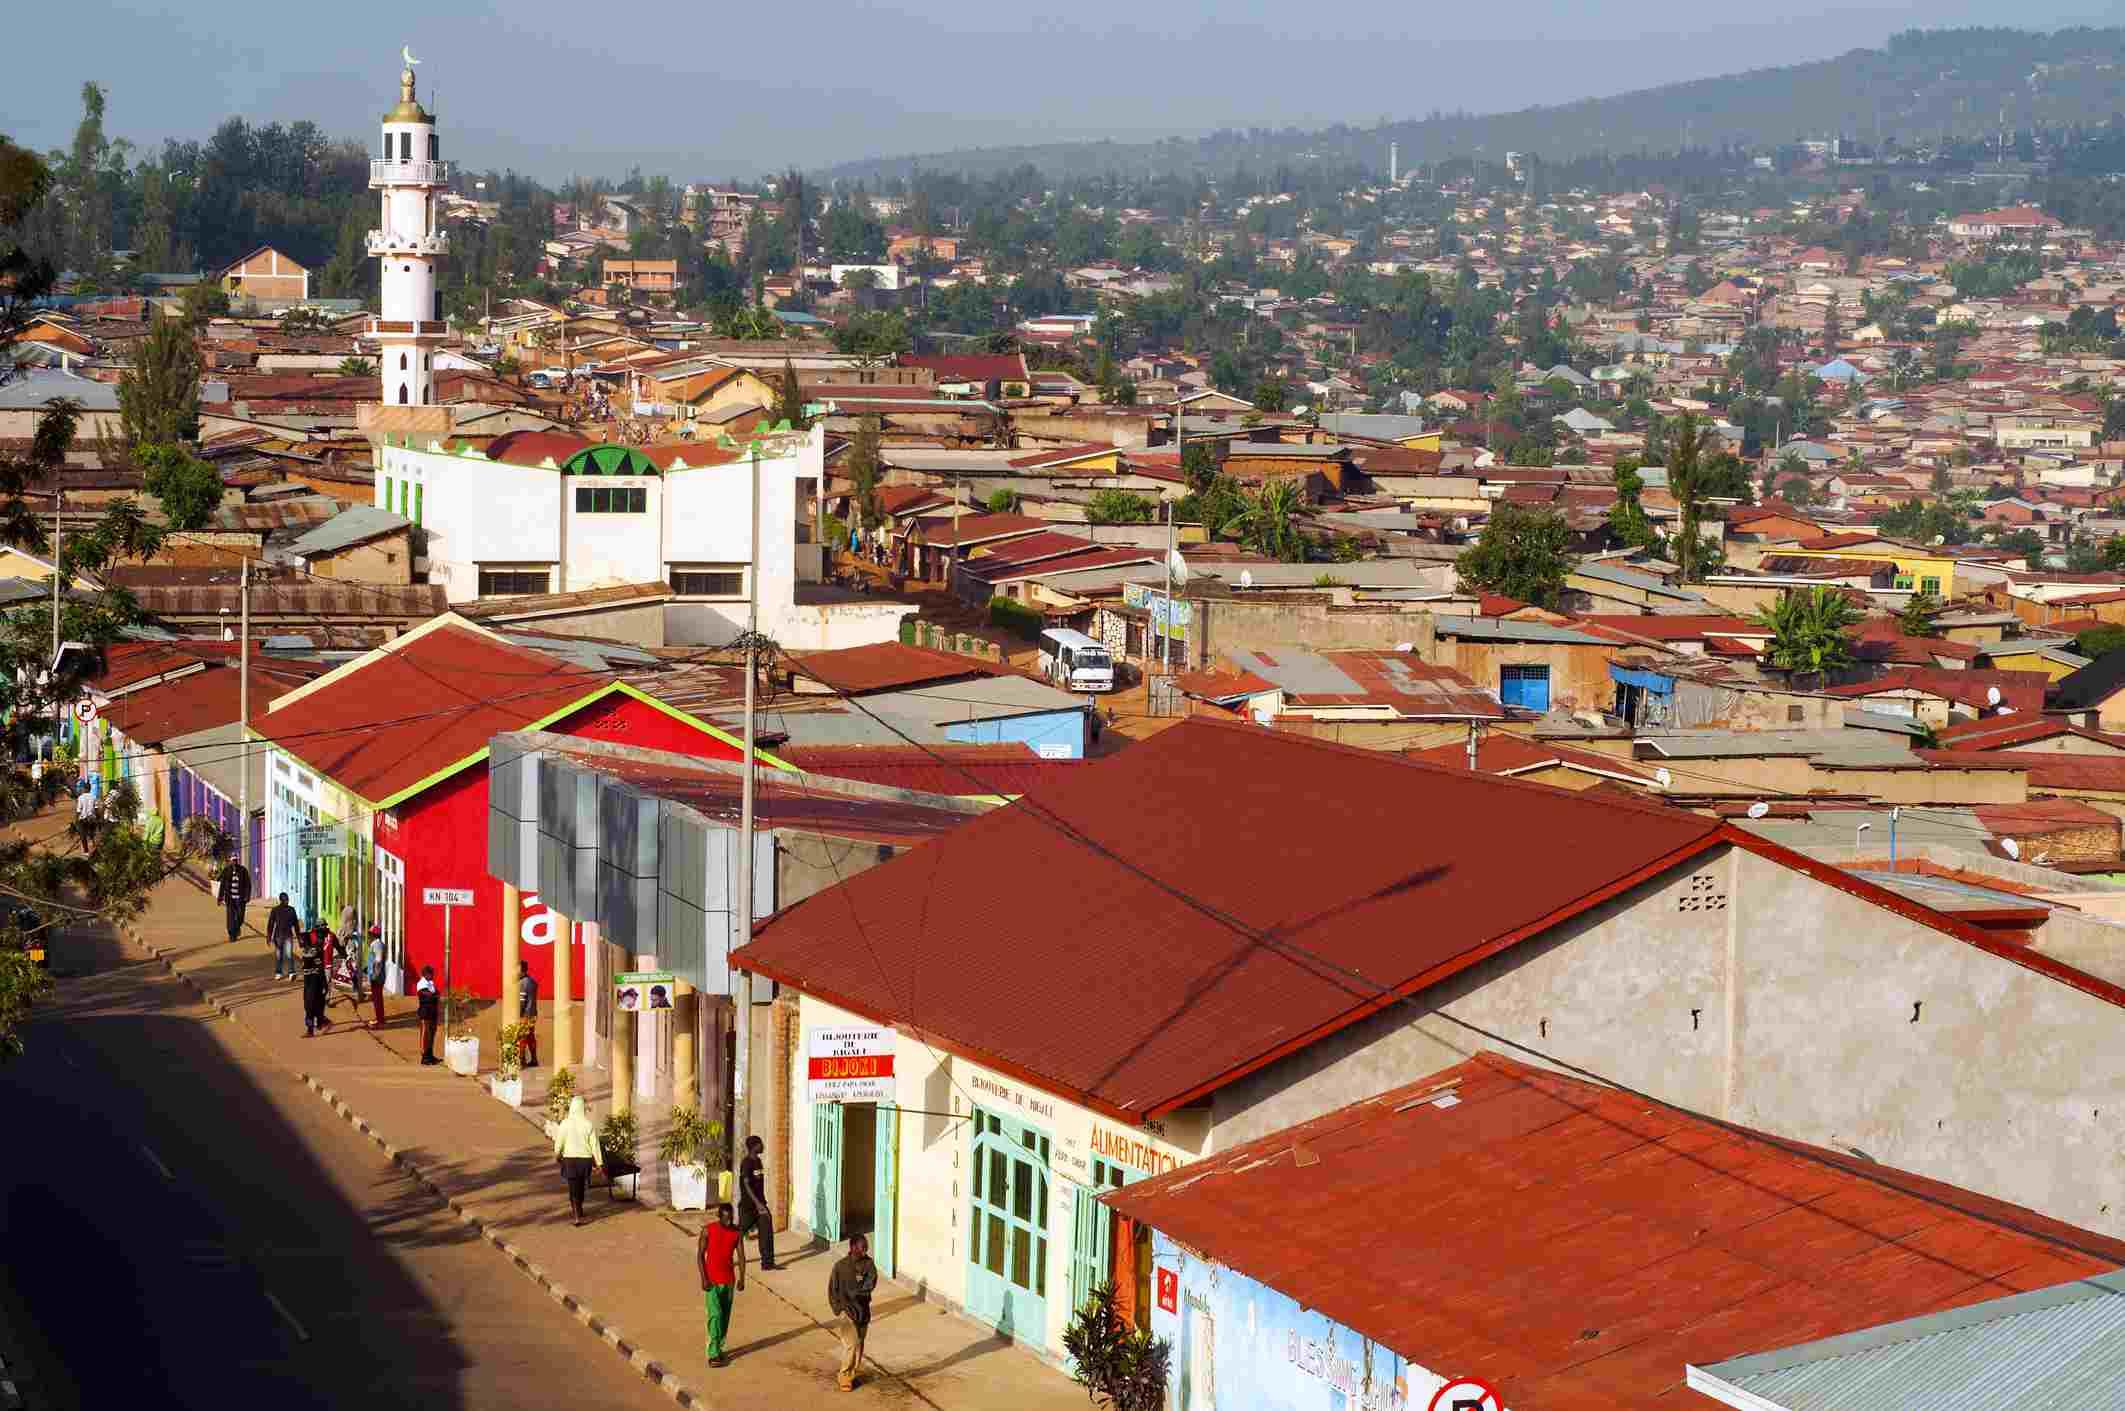 Nyamirambo Neighborhood, Kigali